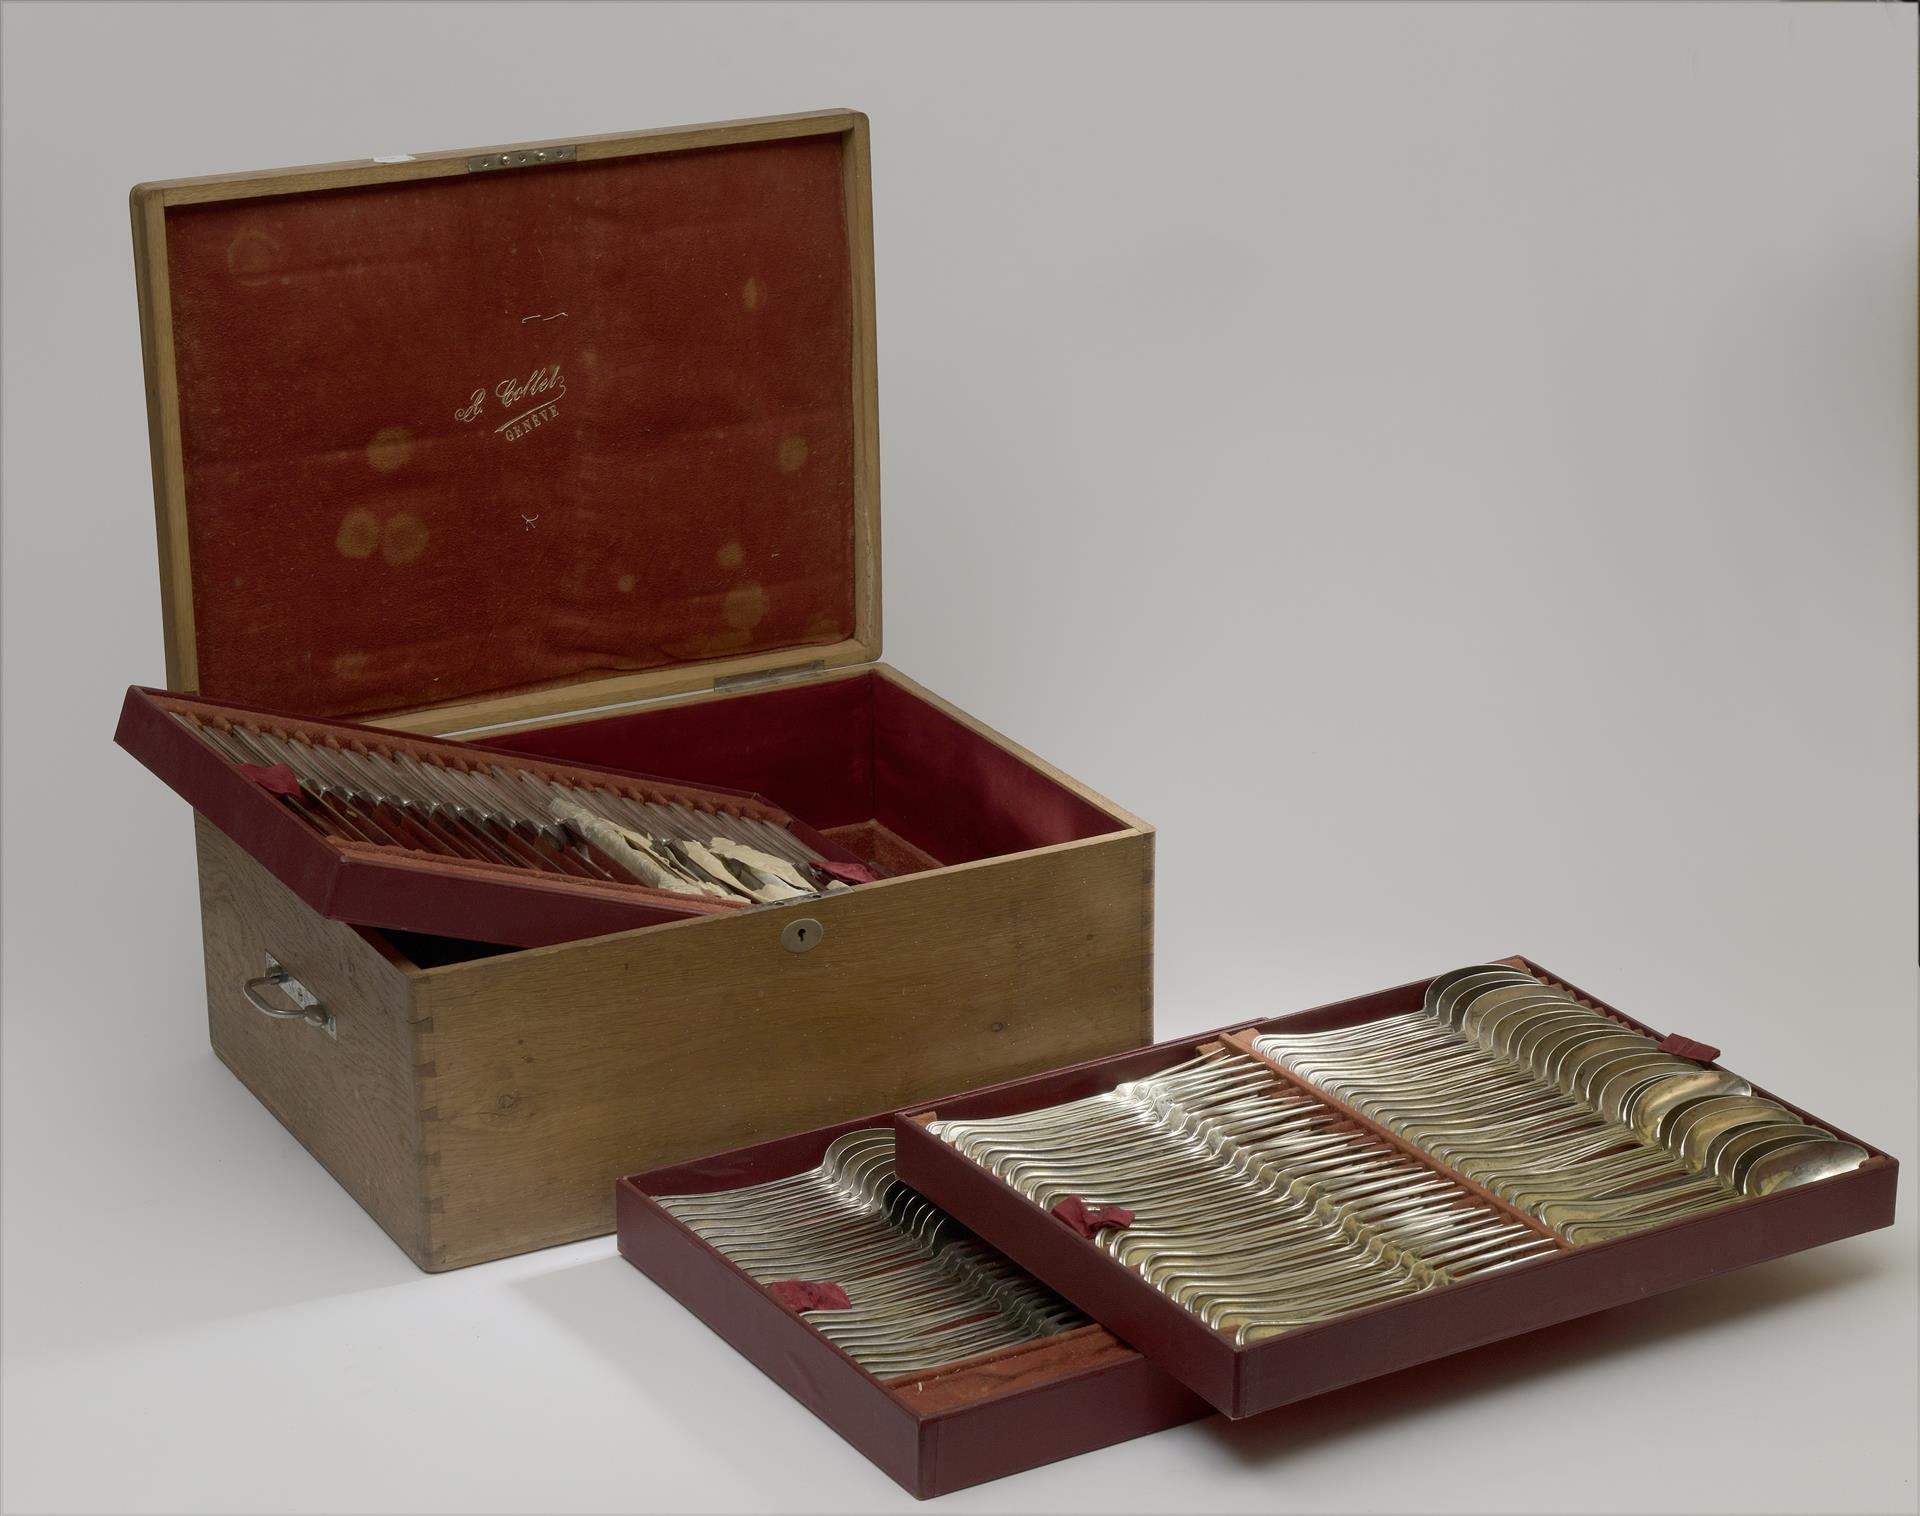 Lot 25 - Ménagère en argent modèle à filet comprenant : 24 couverts de table, 24 couteaux [...]